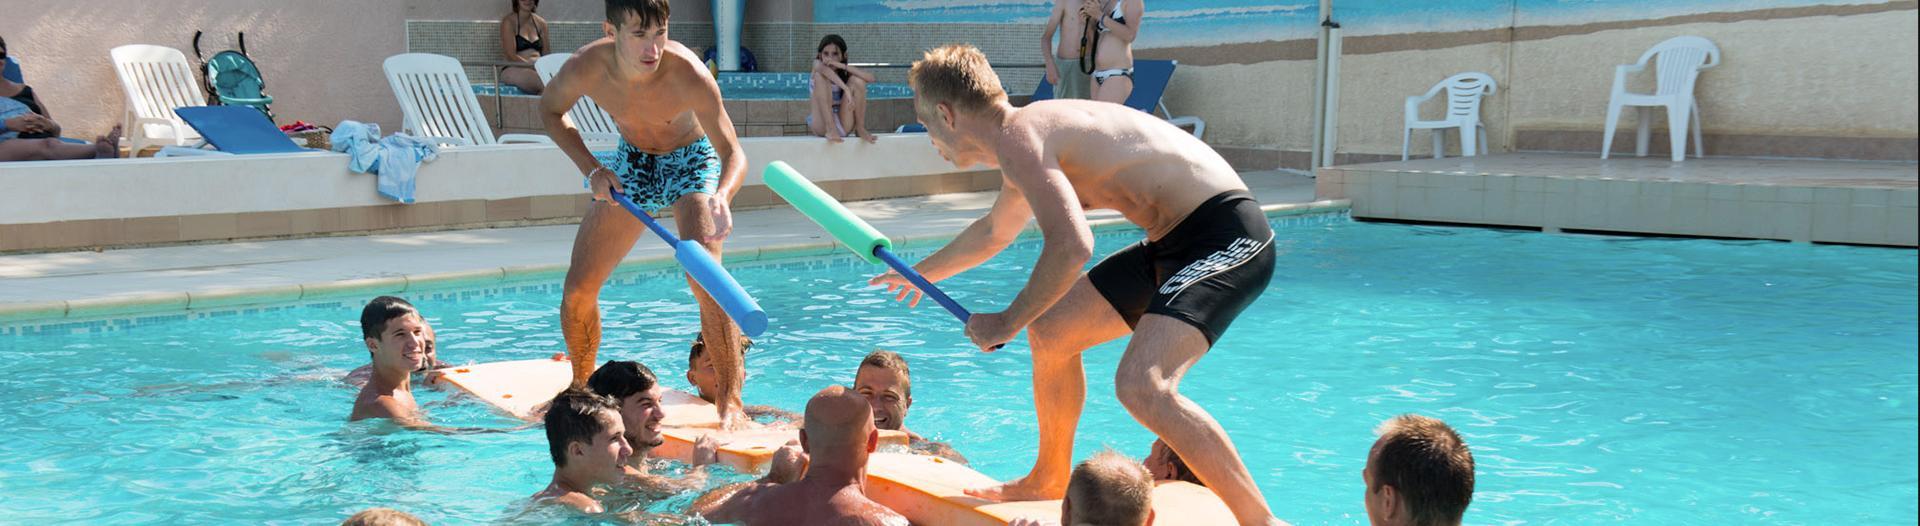 slider-Abri-de-Camargue-piscine-exterieure-jeux